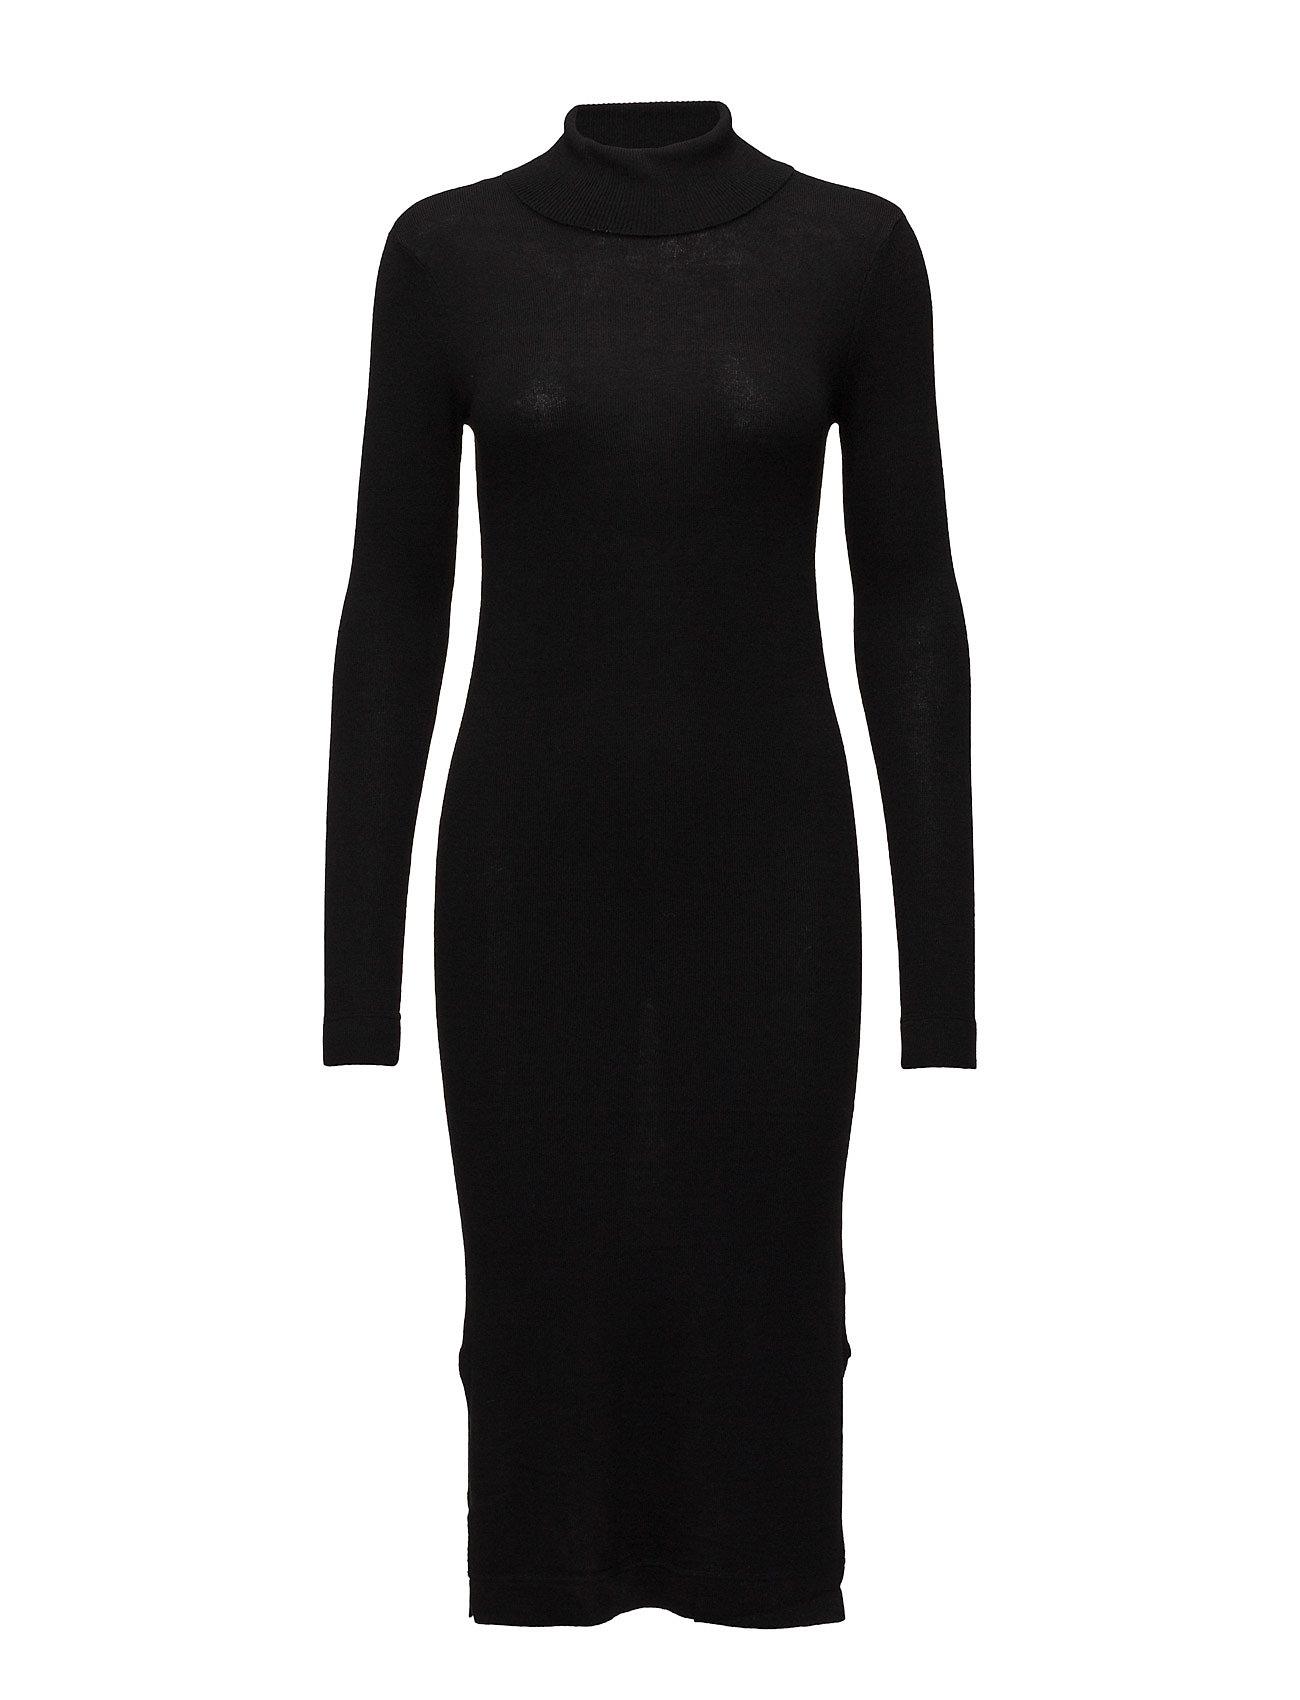 Eri Knit Dress Just Female Striktøj til Damer i Sort